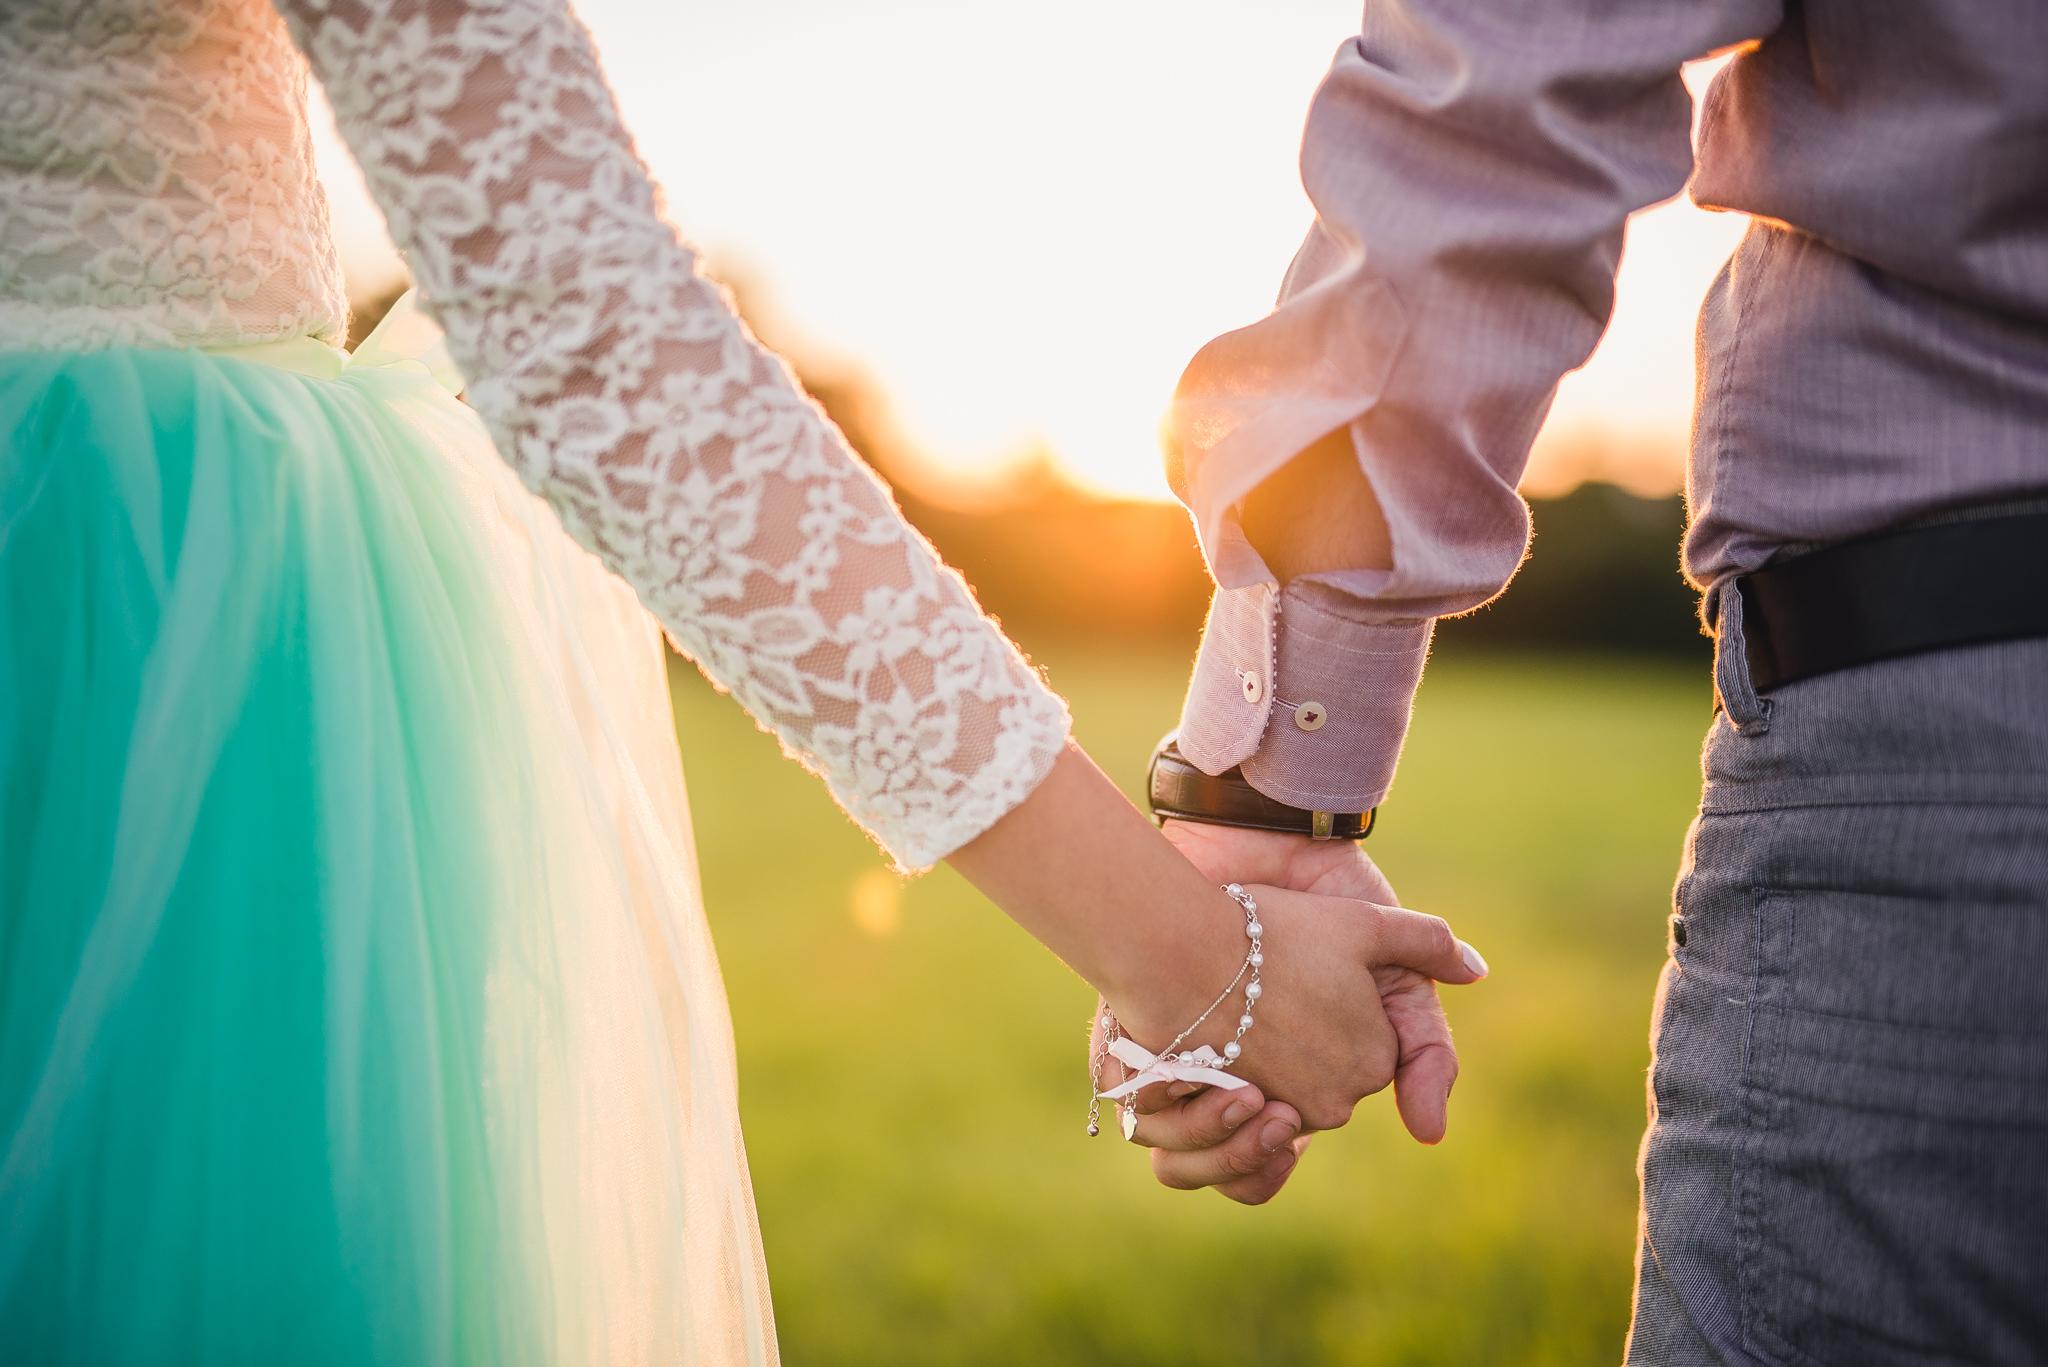 láska, príroda, love, lúka, západ slnka, sunset, romantika, zamilovaný pár, priateľstvo, náramok, ruka v ruke